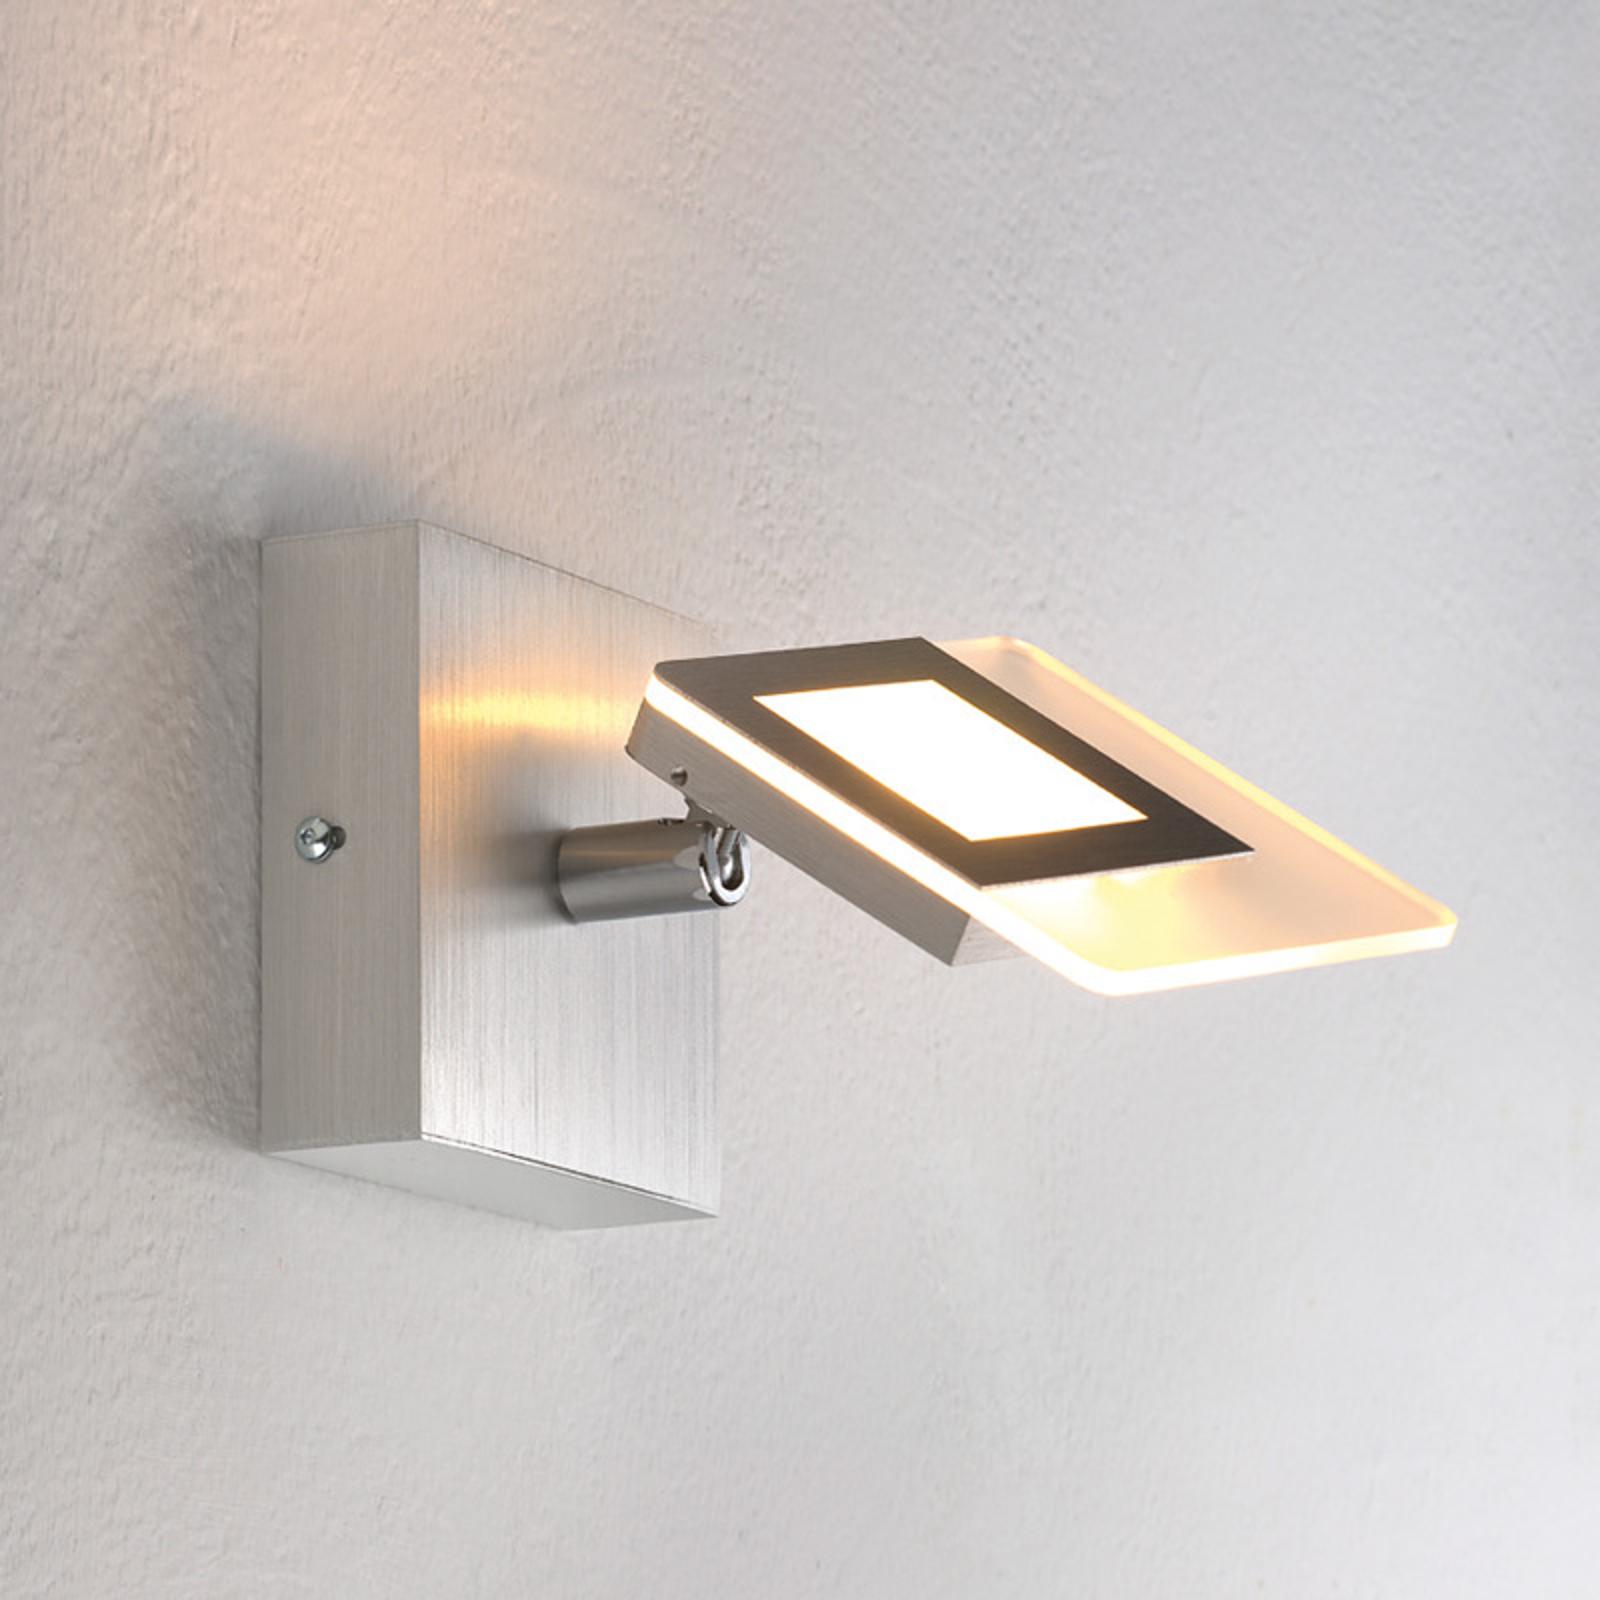 Moderno foco de pared LED Line